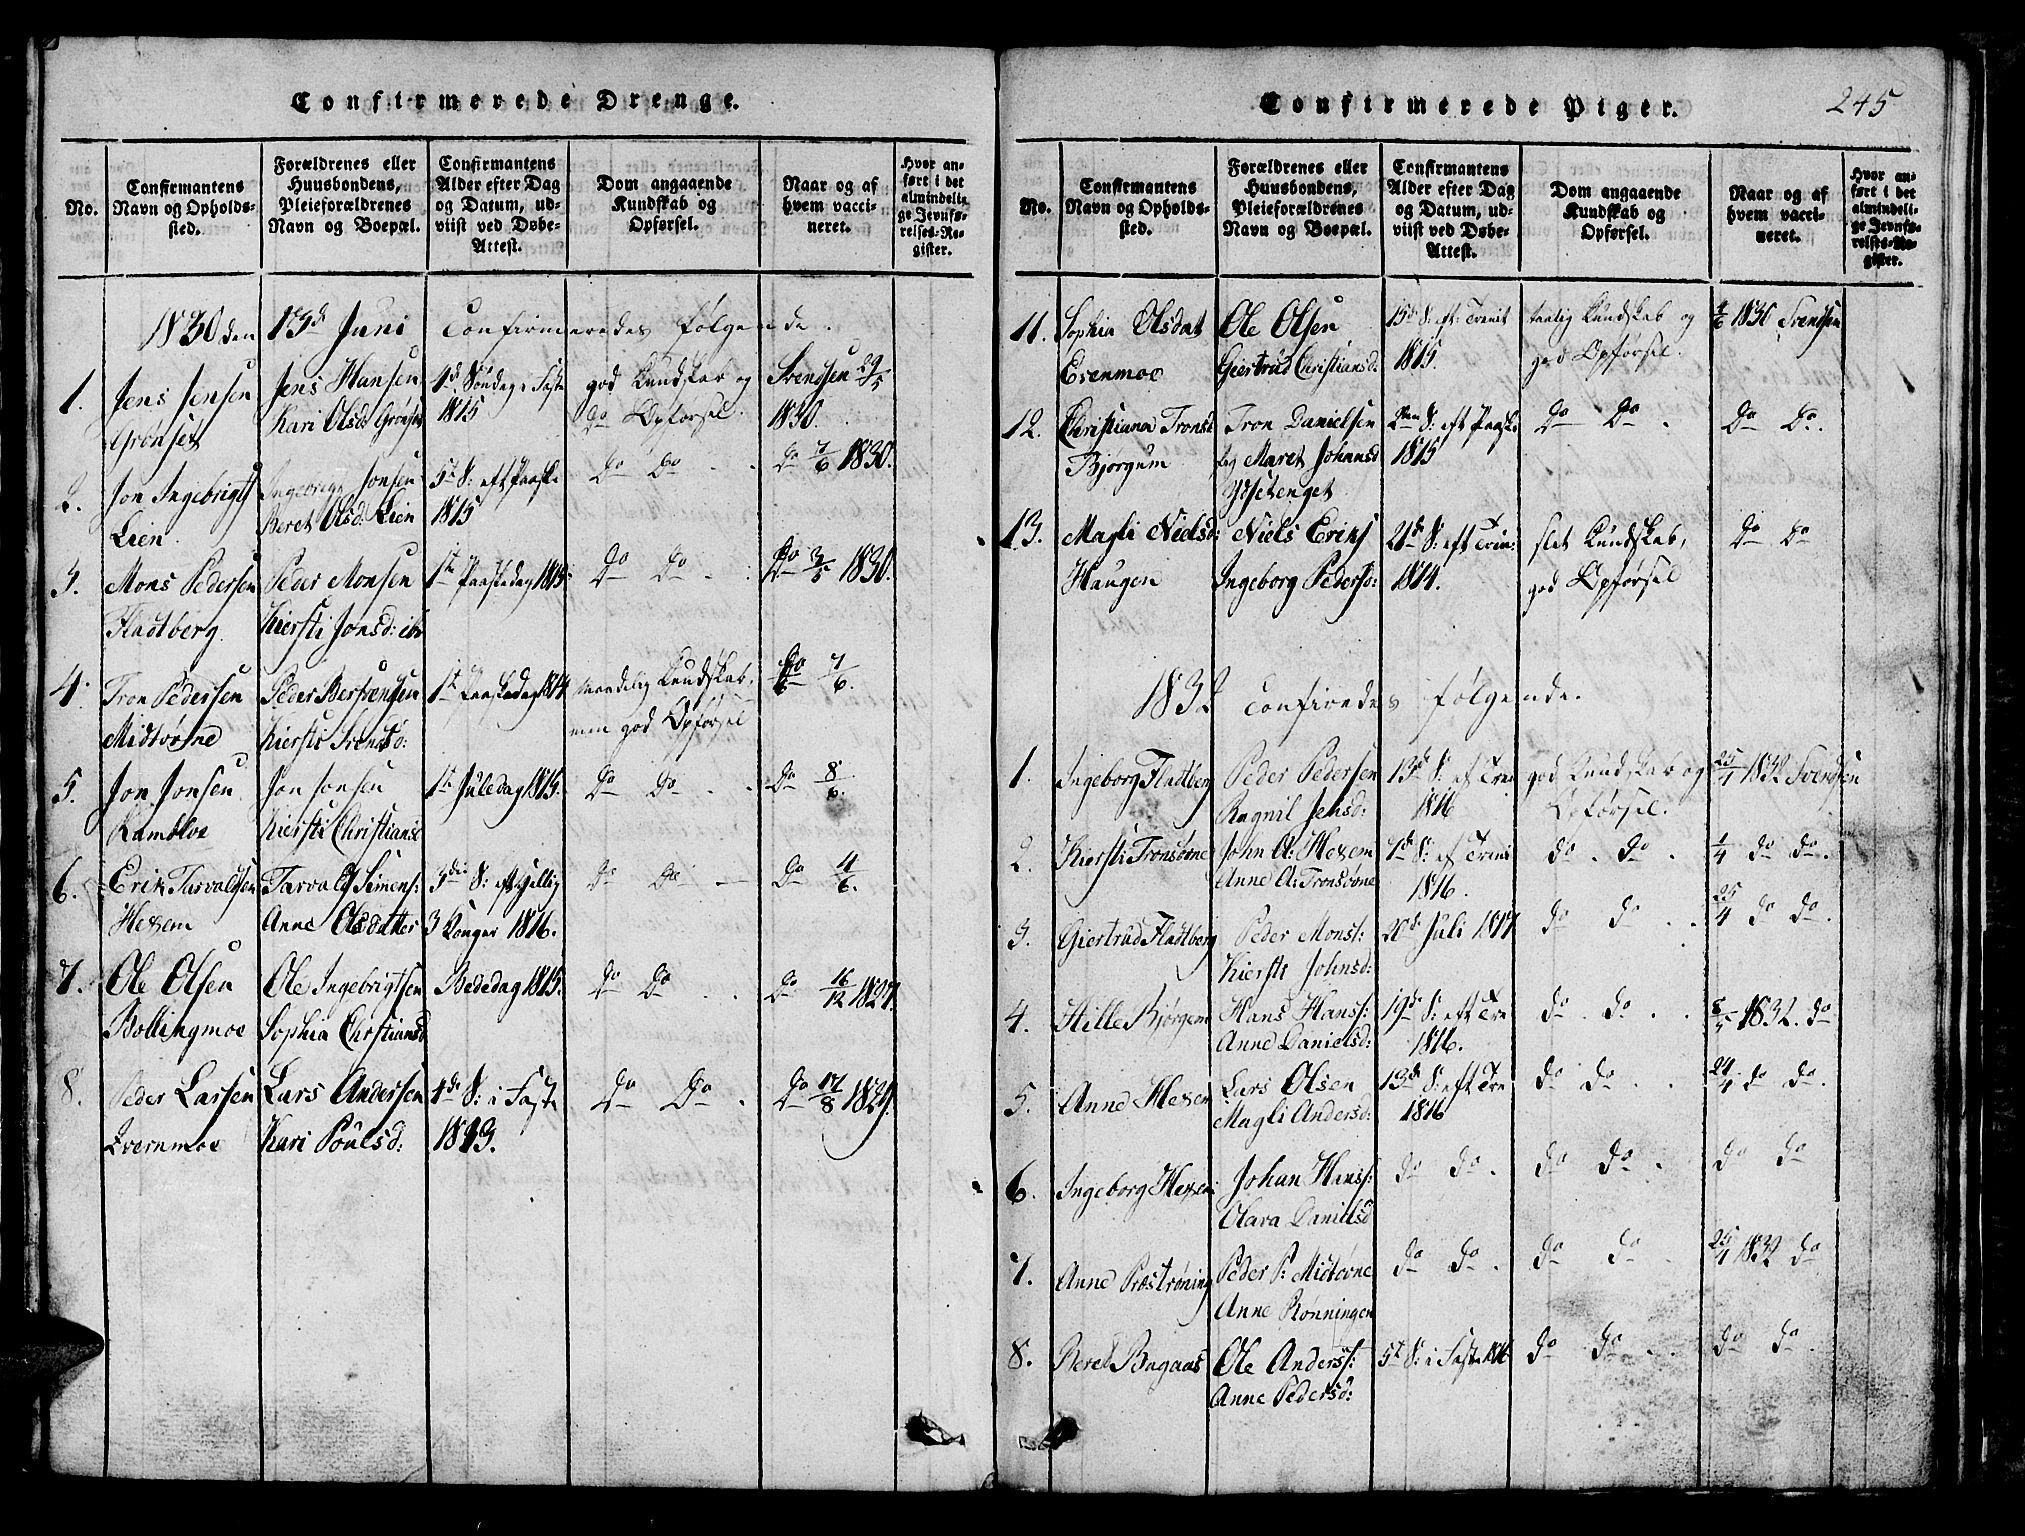 SAT, Ministerialprotokoller, klokkerbøker og fødselsregistre - Sør-Trøndelag, 685/L0976: Klokkerbok nr. 685C01, 1817-1878, s. 245